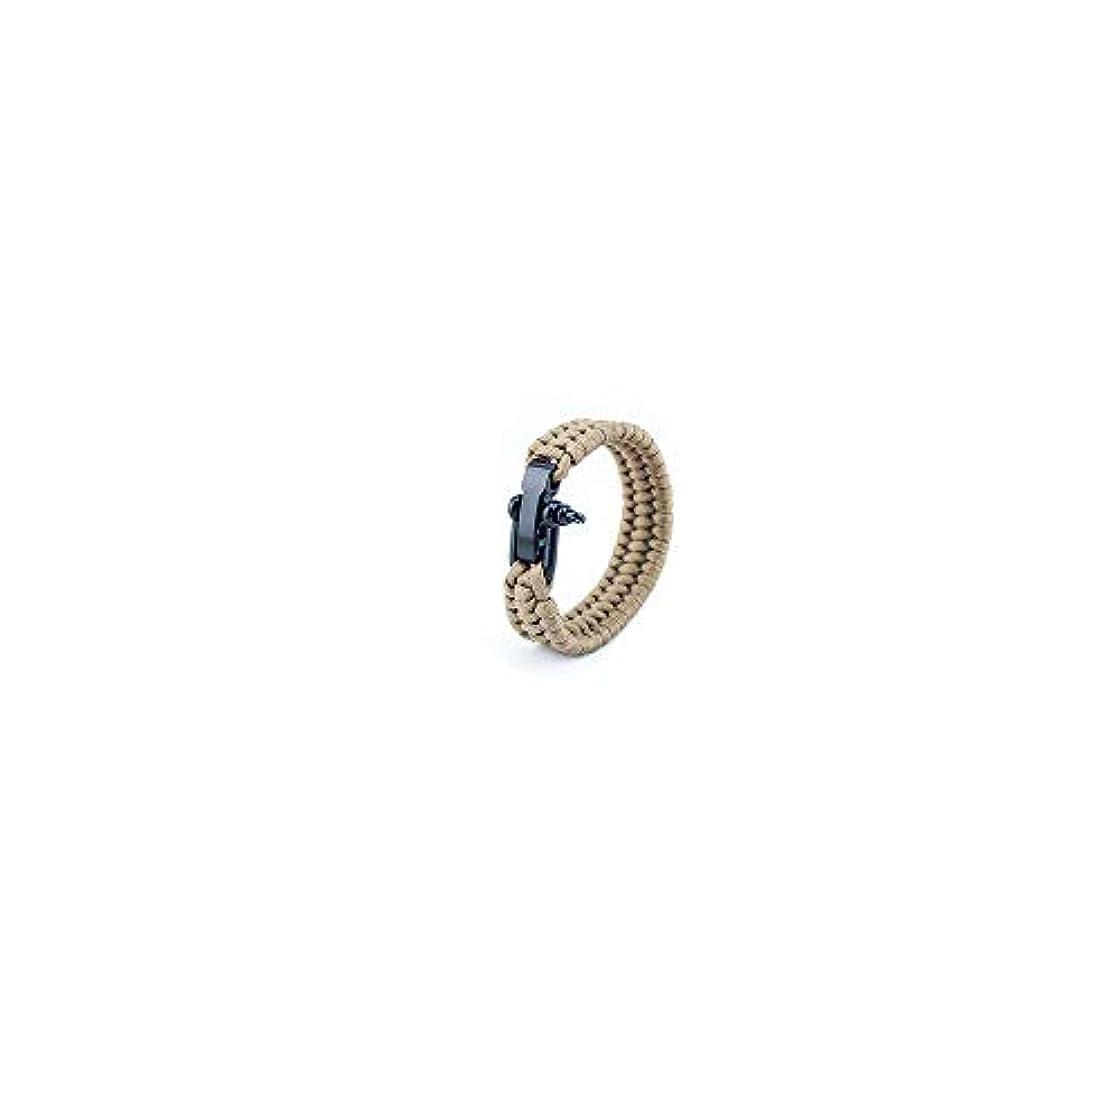 大声でリレーカイウスVideoPUP パラコードサバイバルブレスレット 7コアパラシュートロープ 編組U字型スチールバックル 調節可能なサバイバルブレスレット 登山 キャンプ 緊急レスキューブレスレット 1個